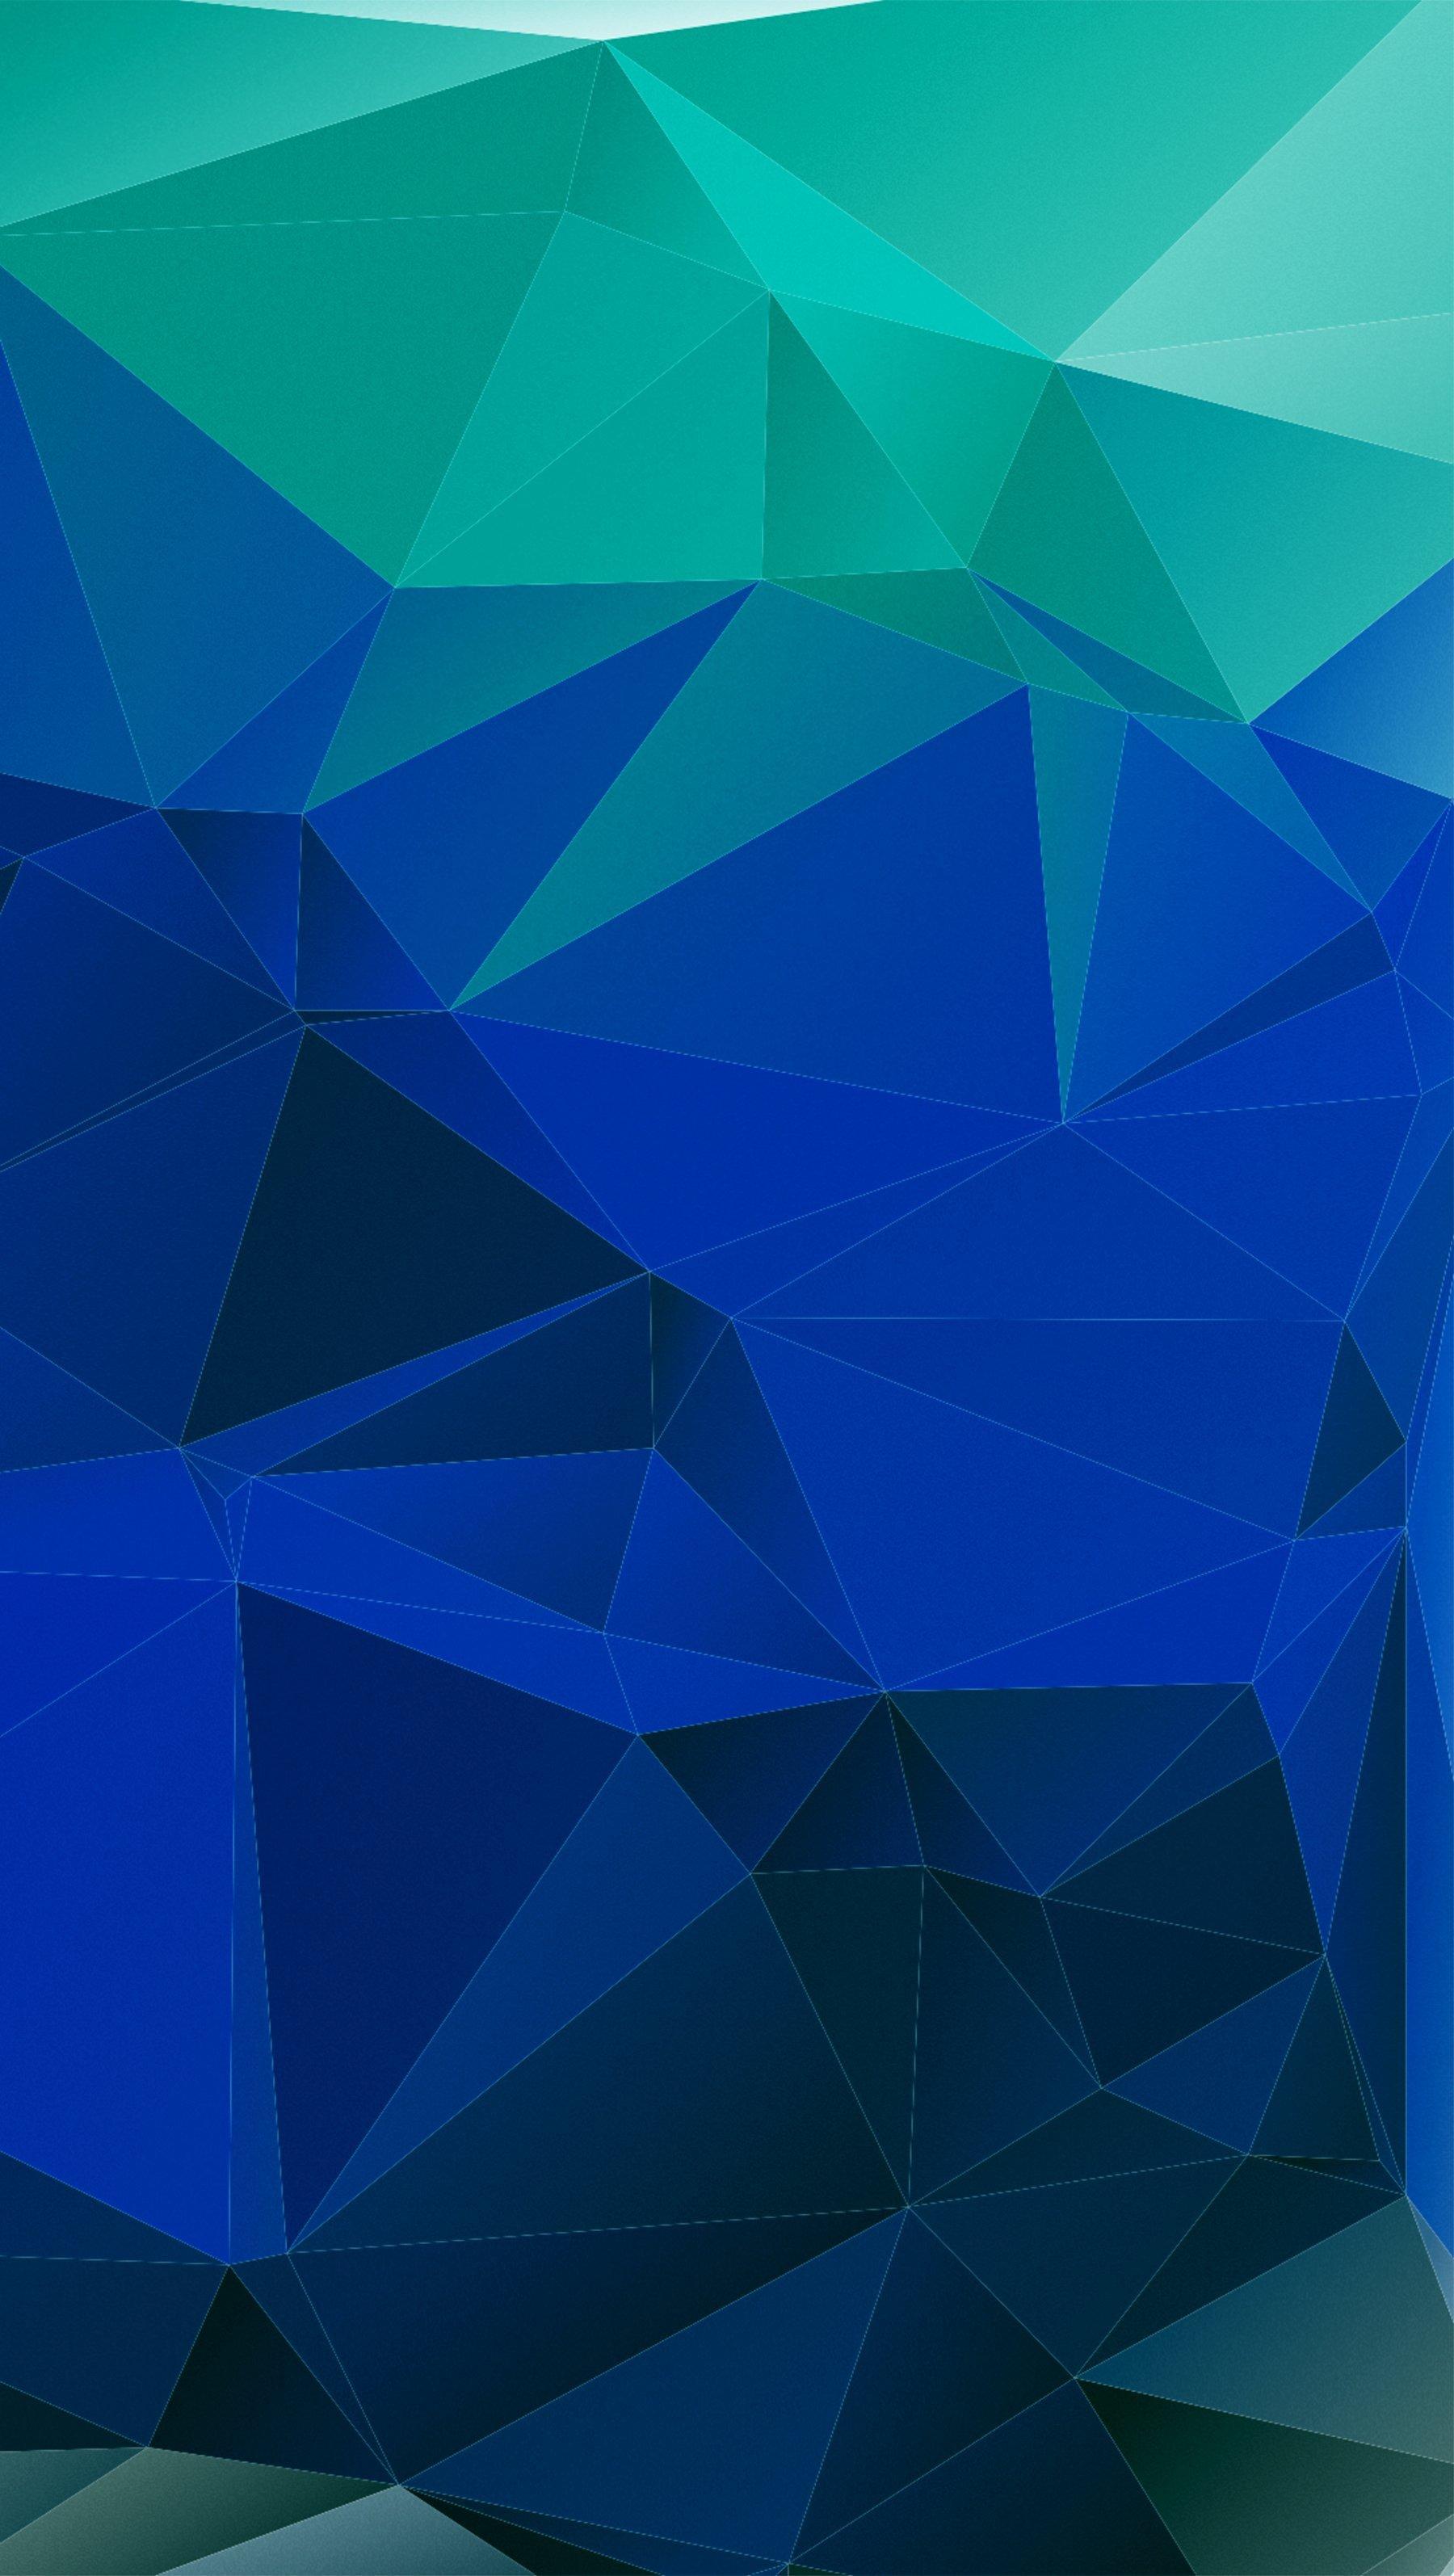 Fondos de pantalla Textura de triágulos azules Vertical